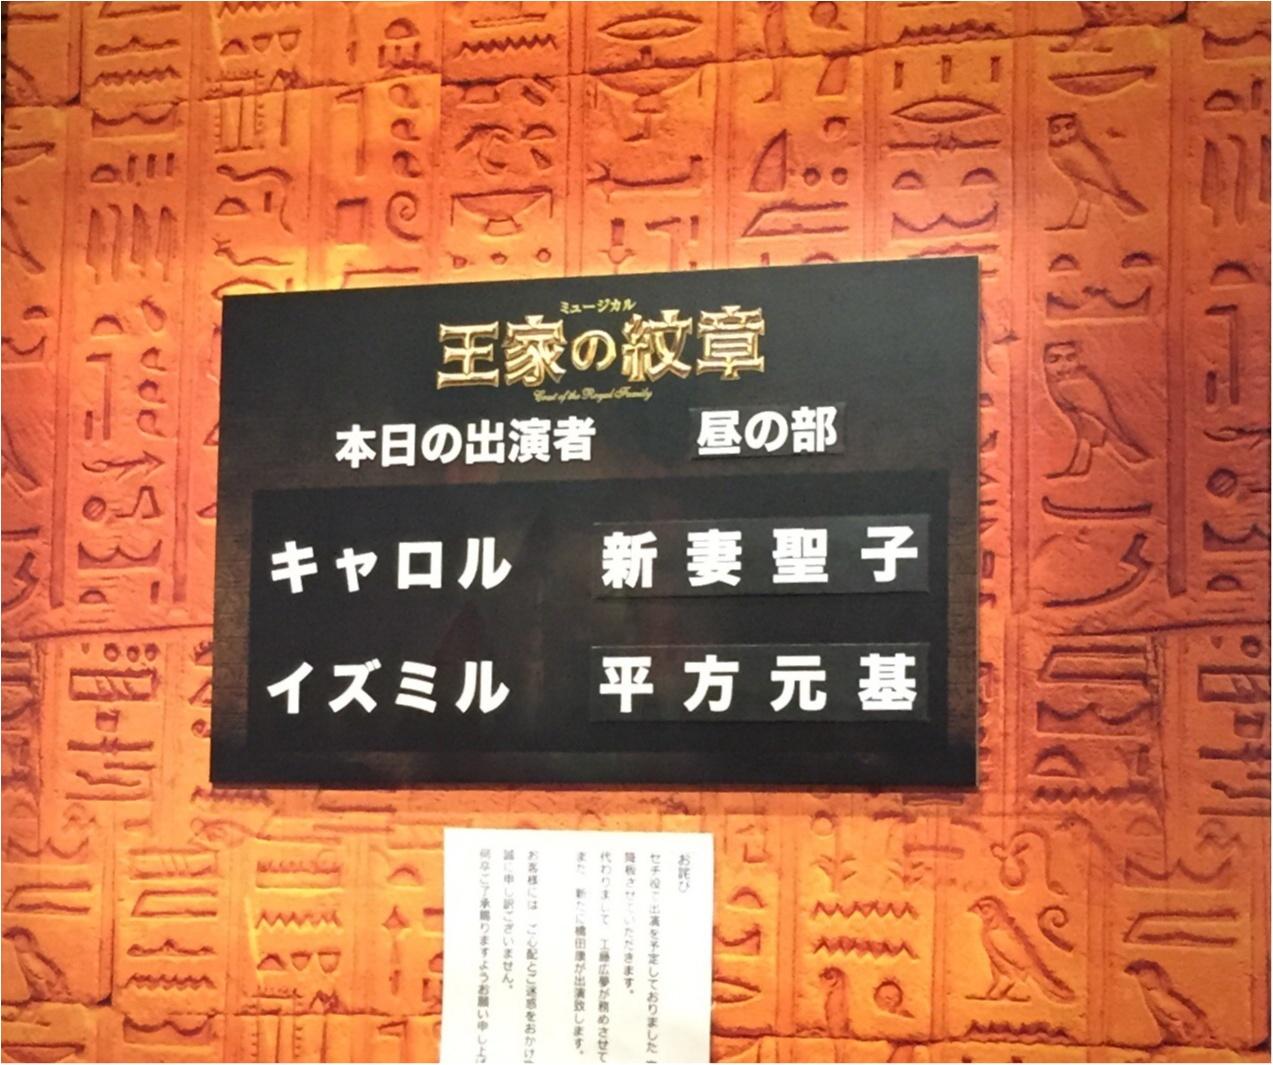 《*舞台*》ミュージカル【王家の紋章】観劇☆★今後の気になるミュージカルは..._7